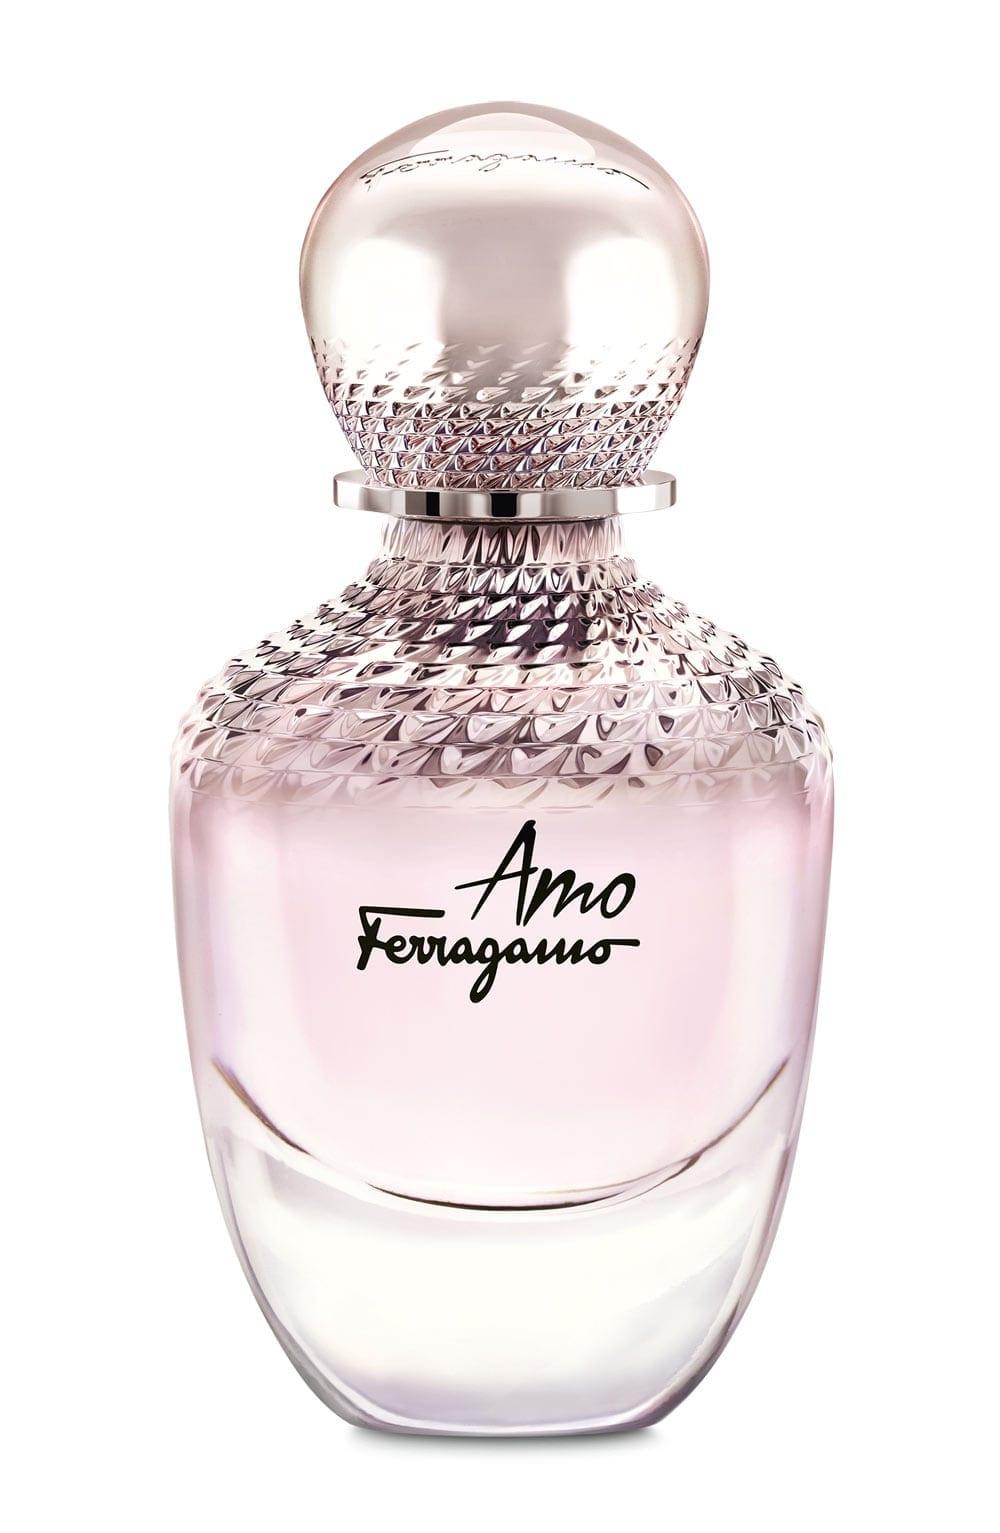 o.50293 - Despre Amo Ferragamo, noul parfum al iubirii și dorinței, cu Luciano Bertinelli, CEO Salvatore Ferragamo Parfums